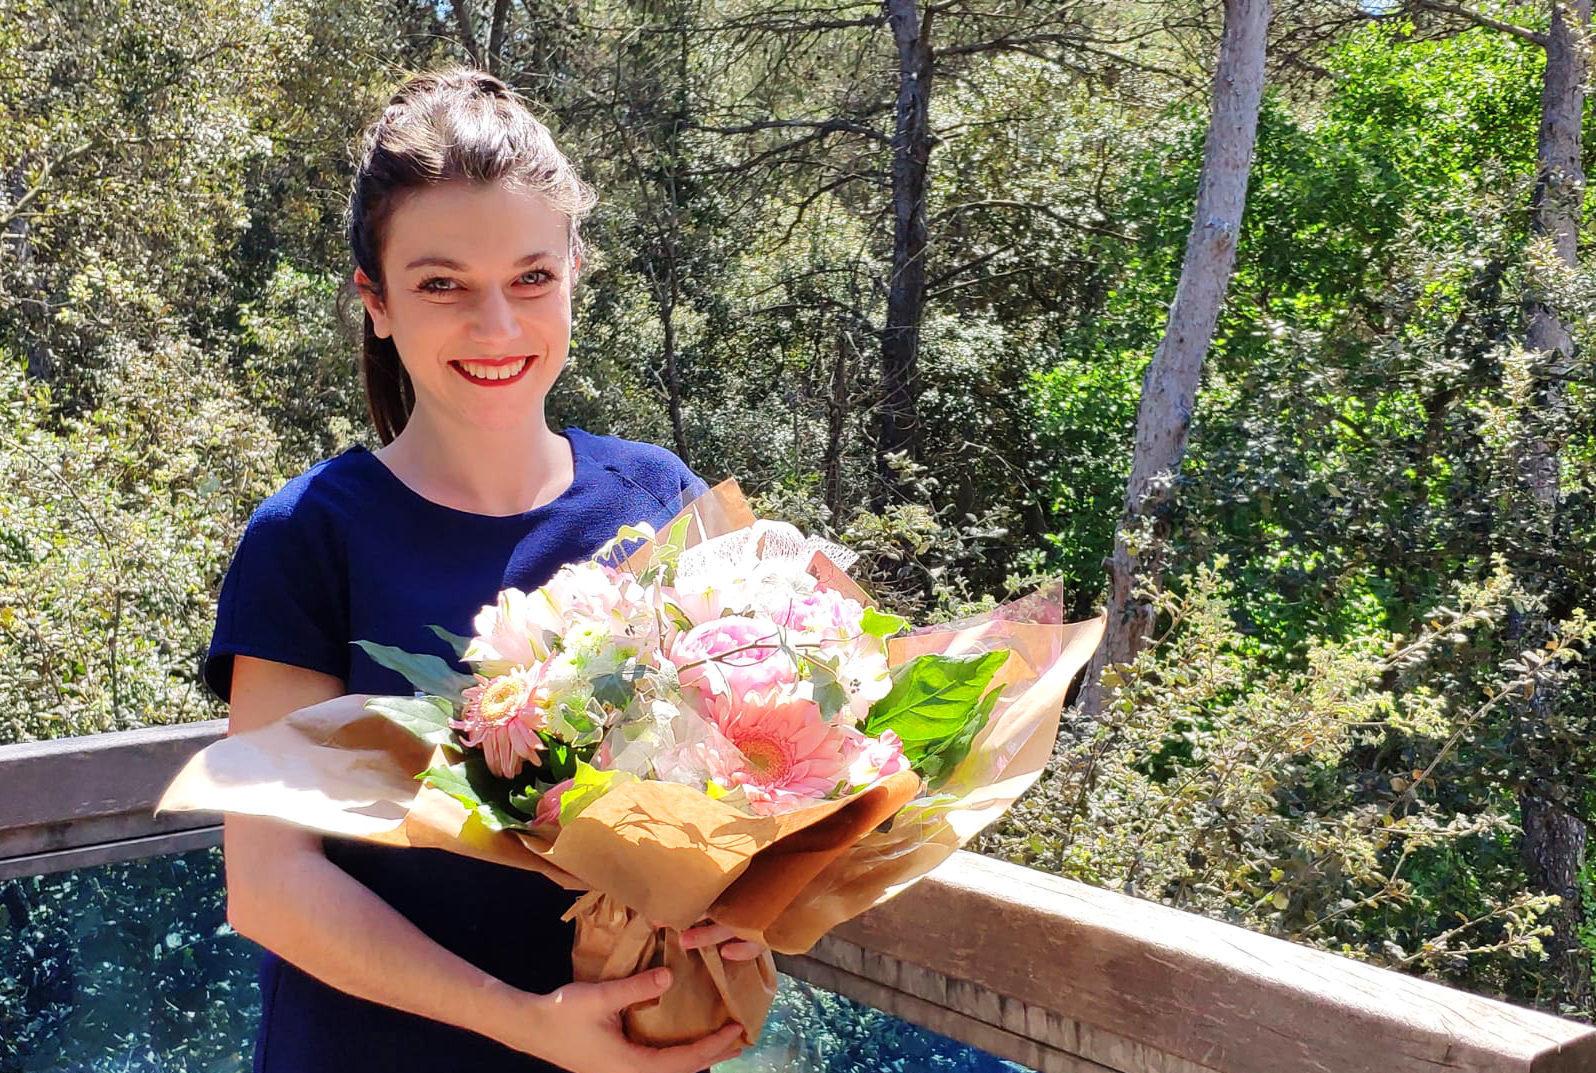 Célia en fleurs